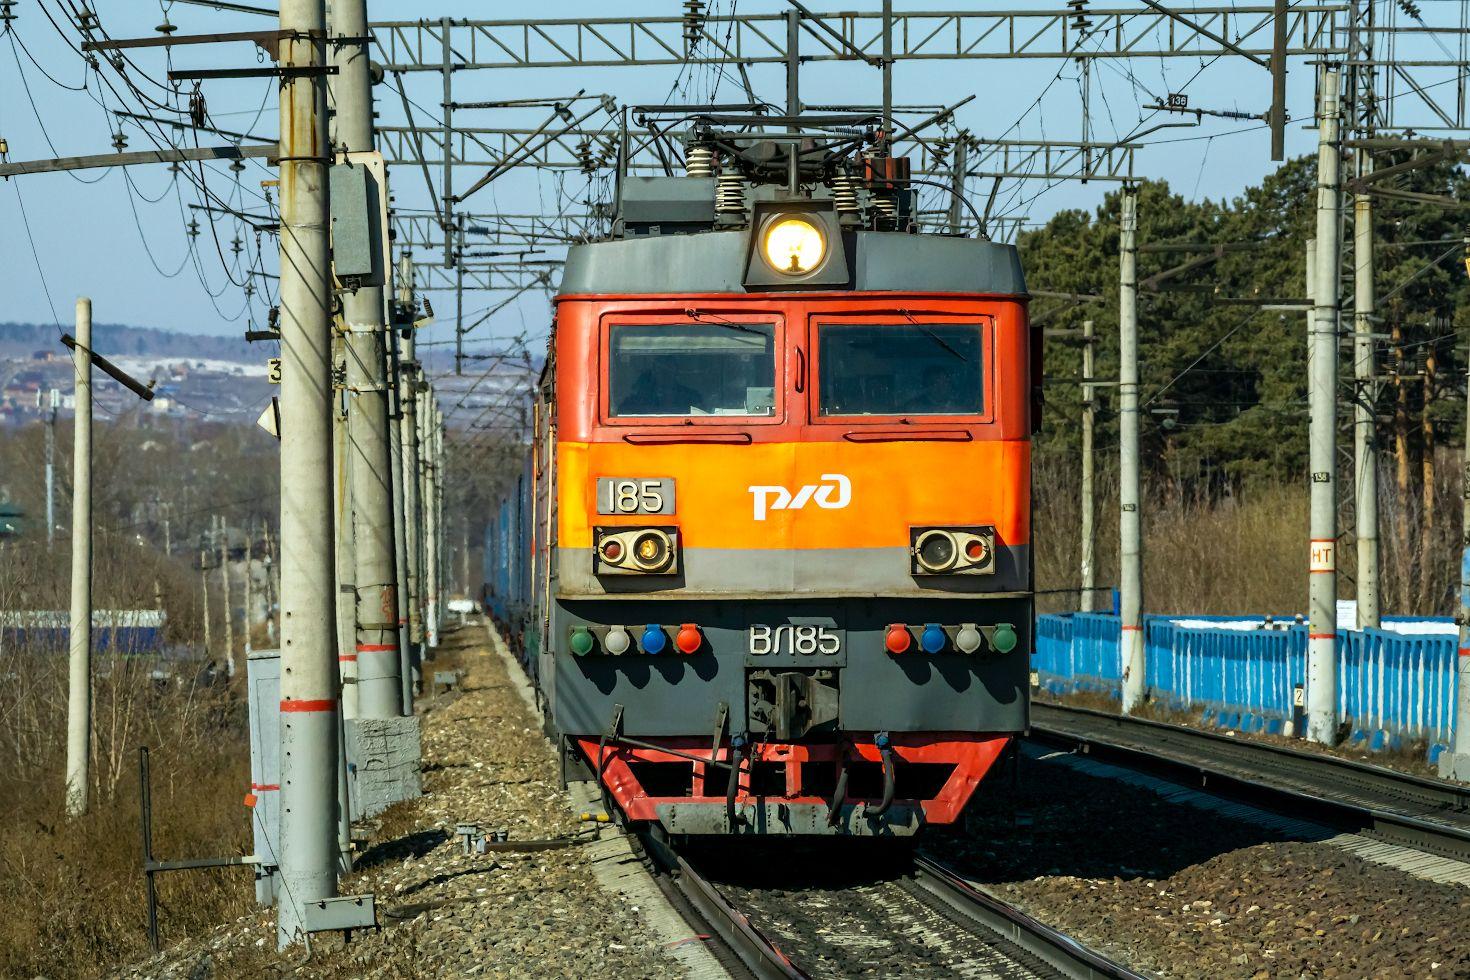 ВЛ85-185 railway железная дорога locomotive локомотив электровоз поезд train Russia Siberia Irkutsk Россия Сибирь Иркутск споттинг spotting